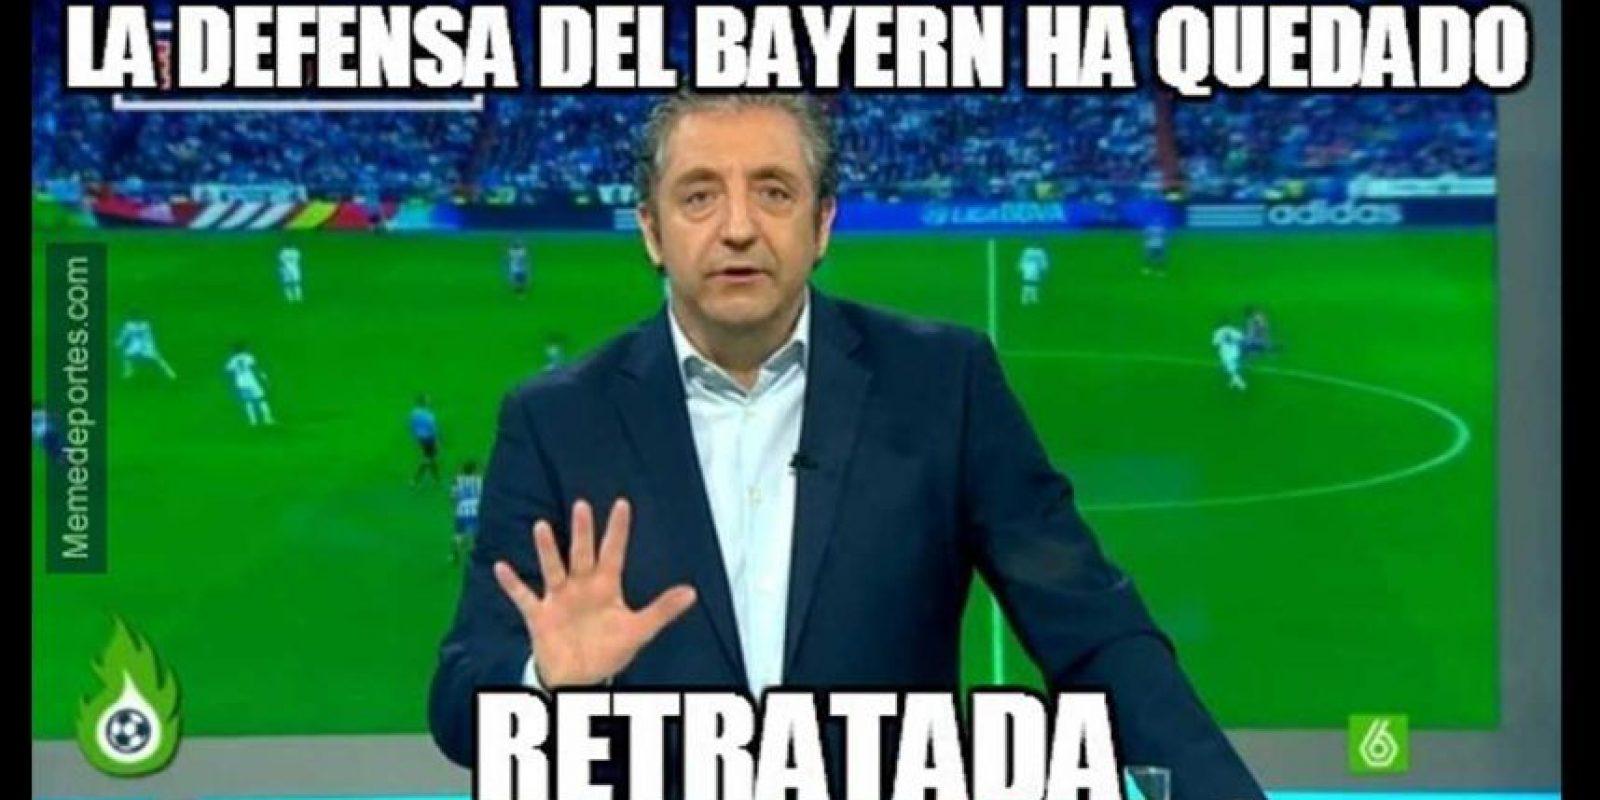 """Que """"retrató"""" a la defensa del Bayern. Foto:memedeportes.com"""